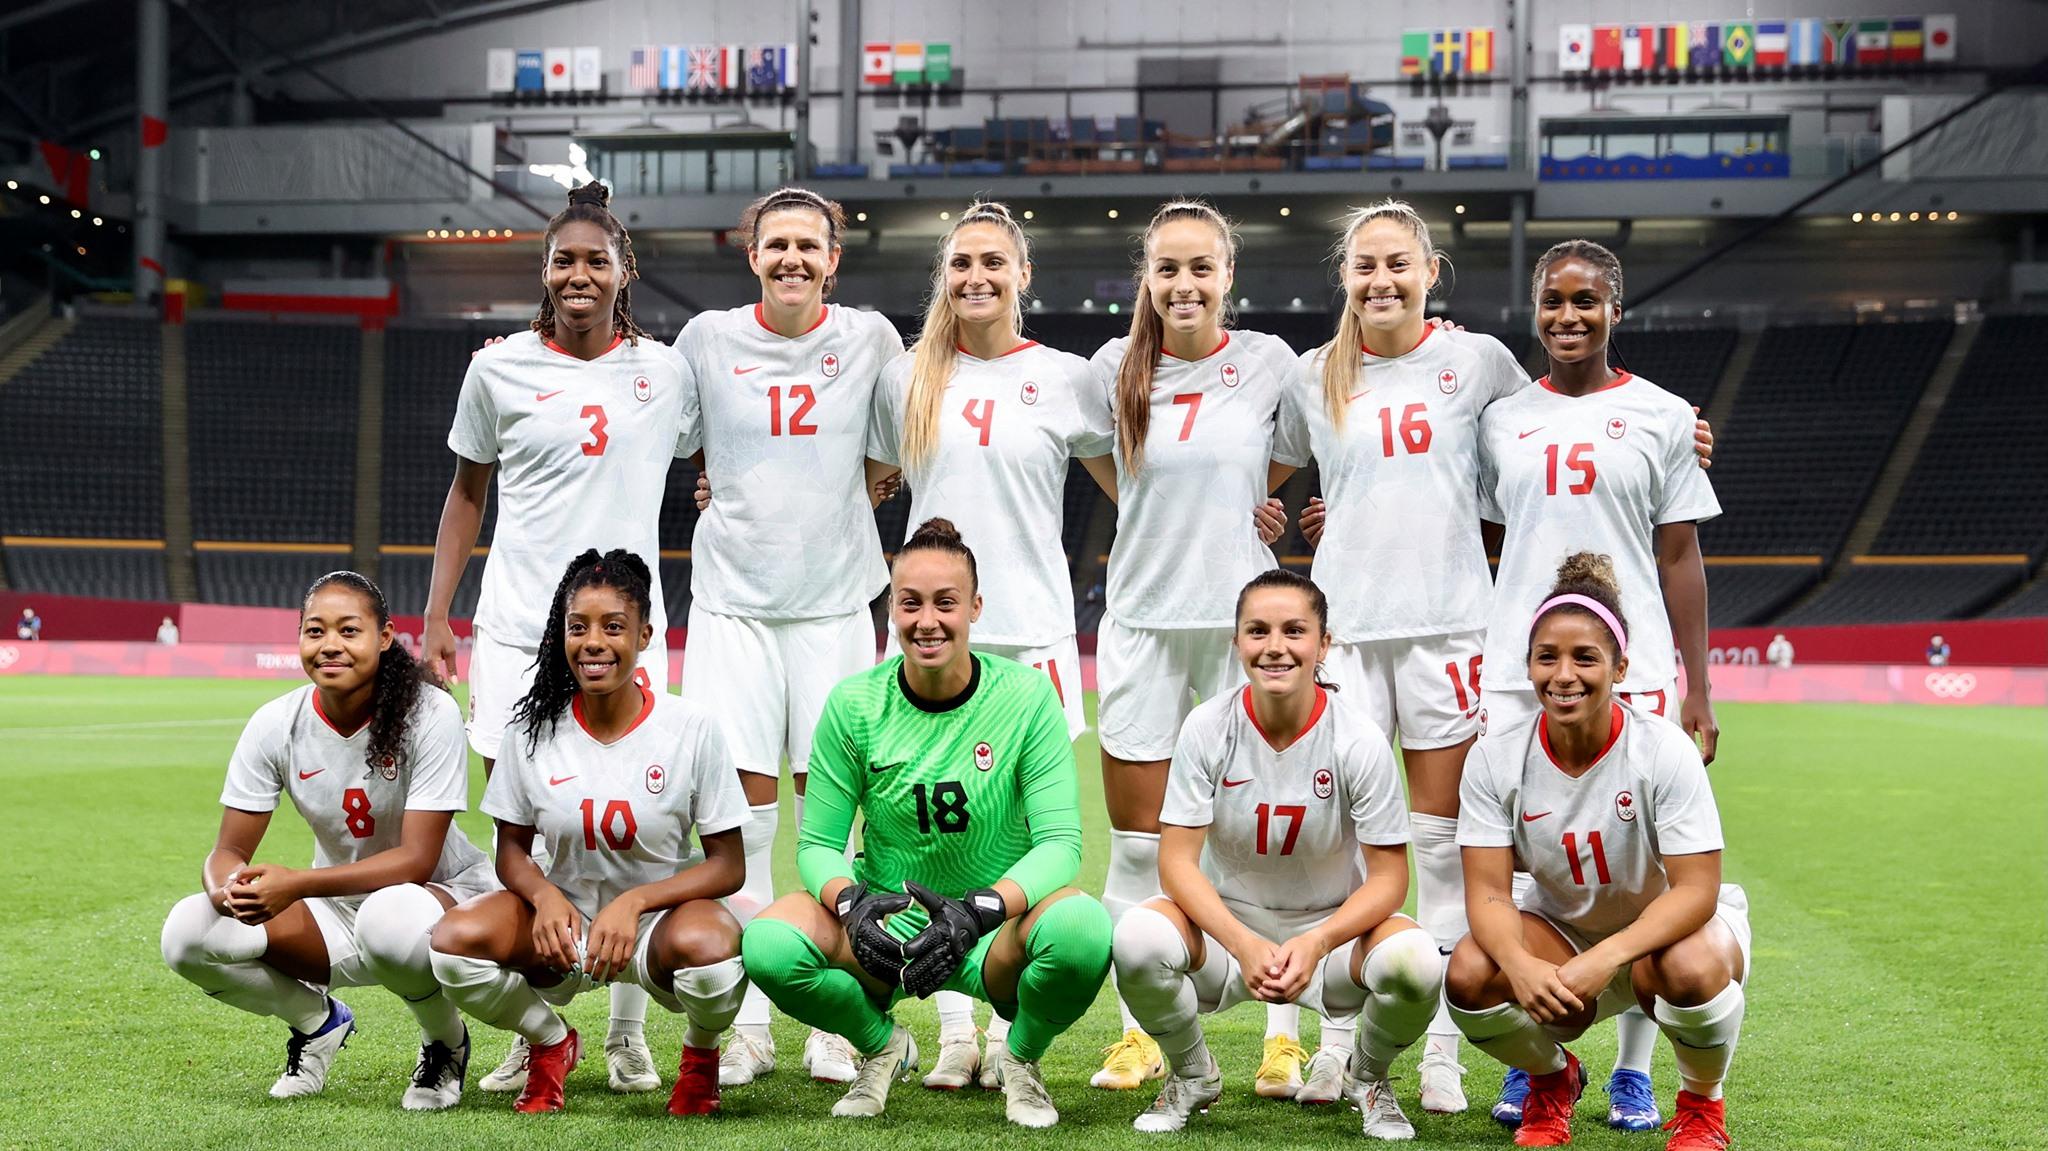 Formación de selección femenina de Canadá ante Chile, Juegos Olímpicos de Tokio 2020, 24 de julio de 2021